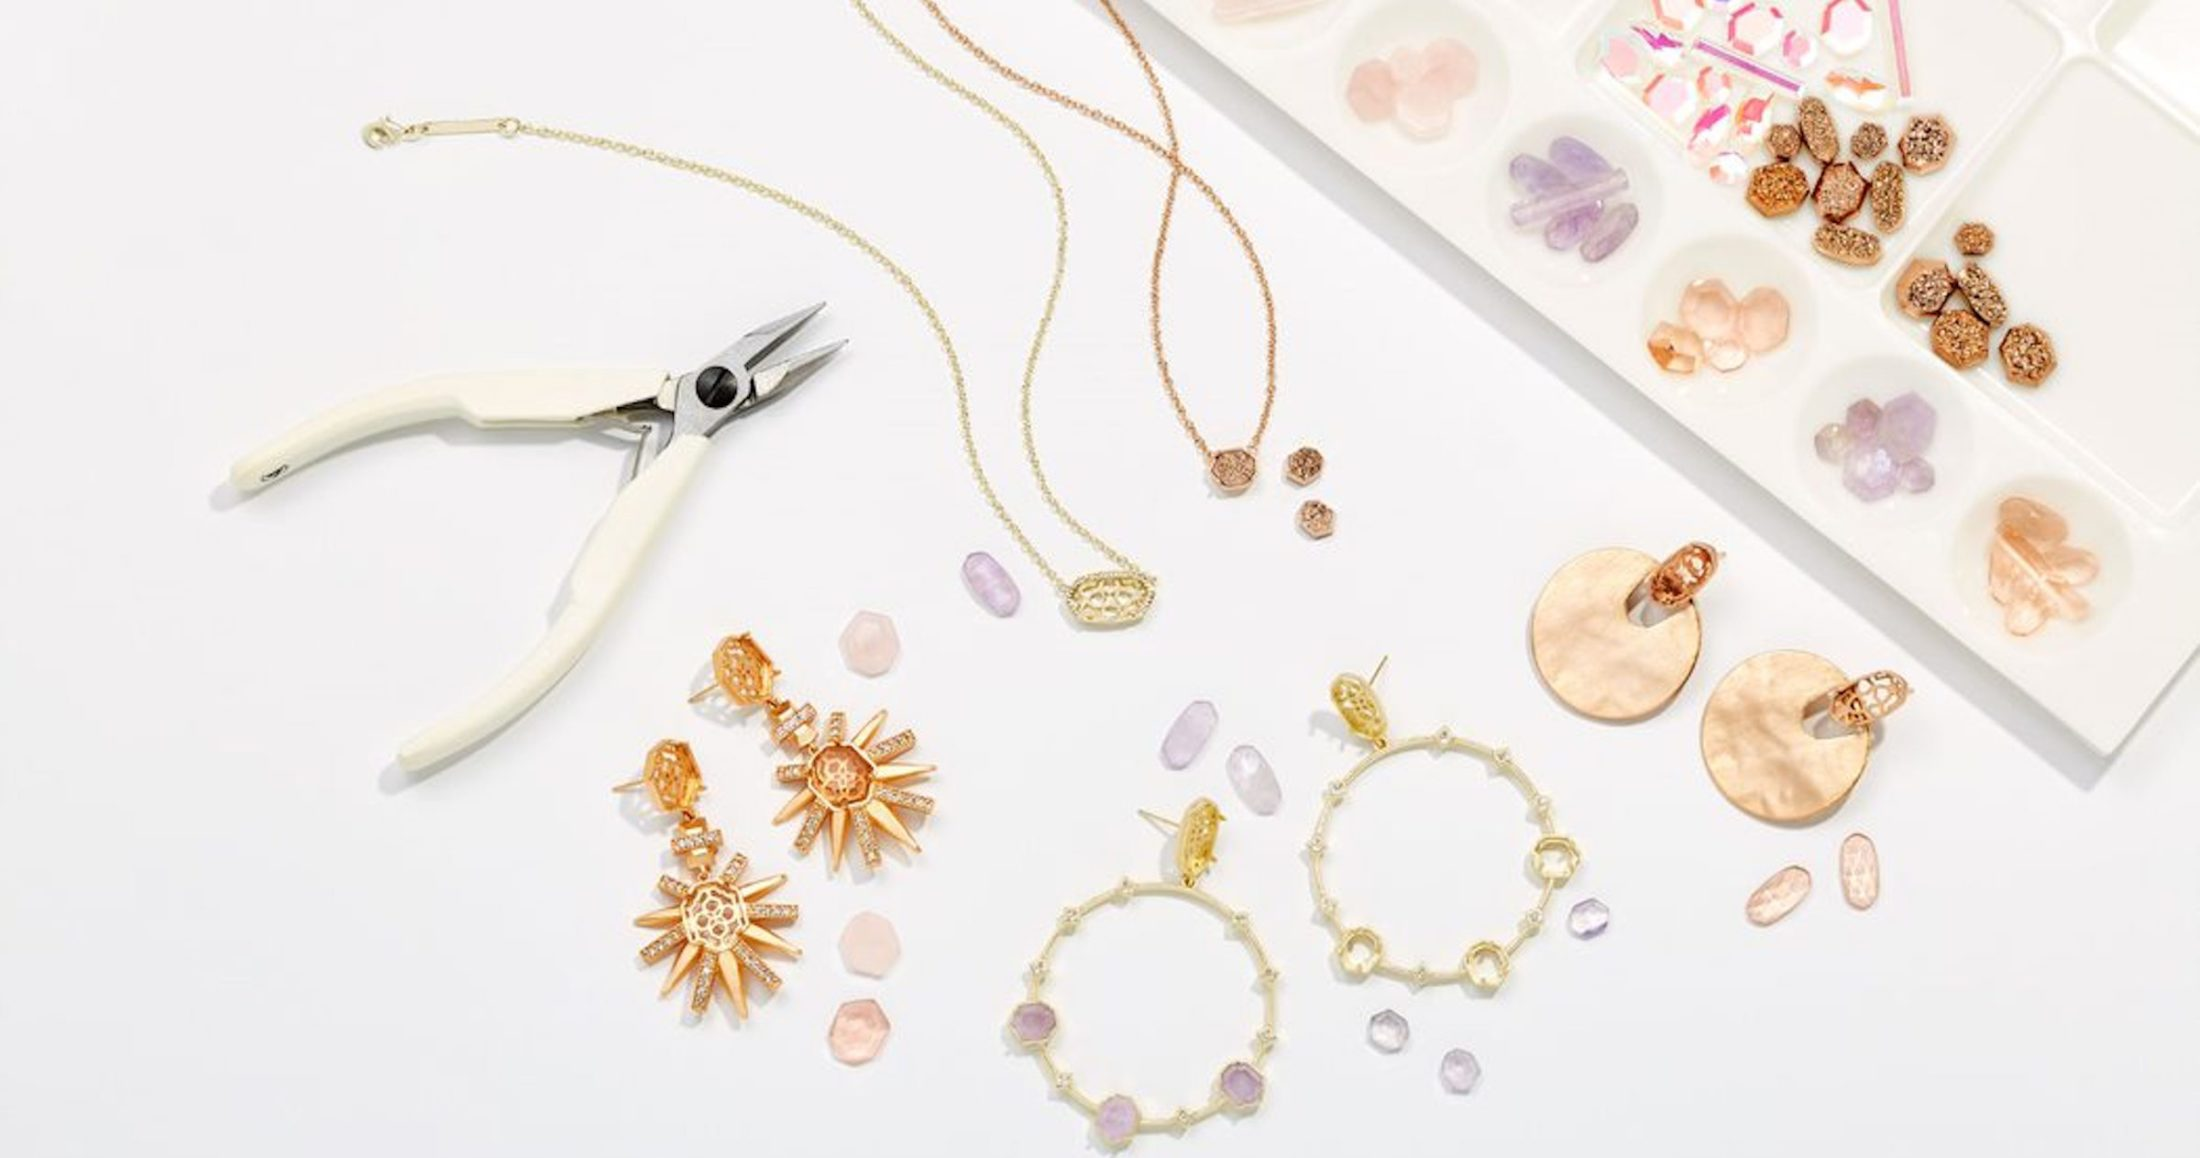 Kendra Scott Jewelry Workshops